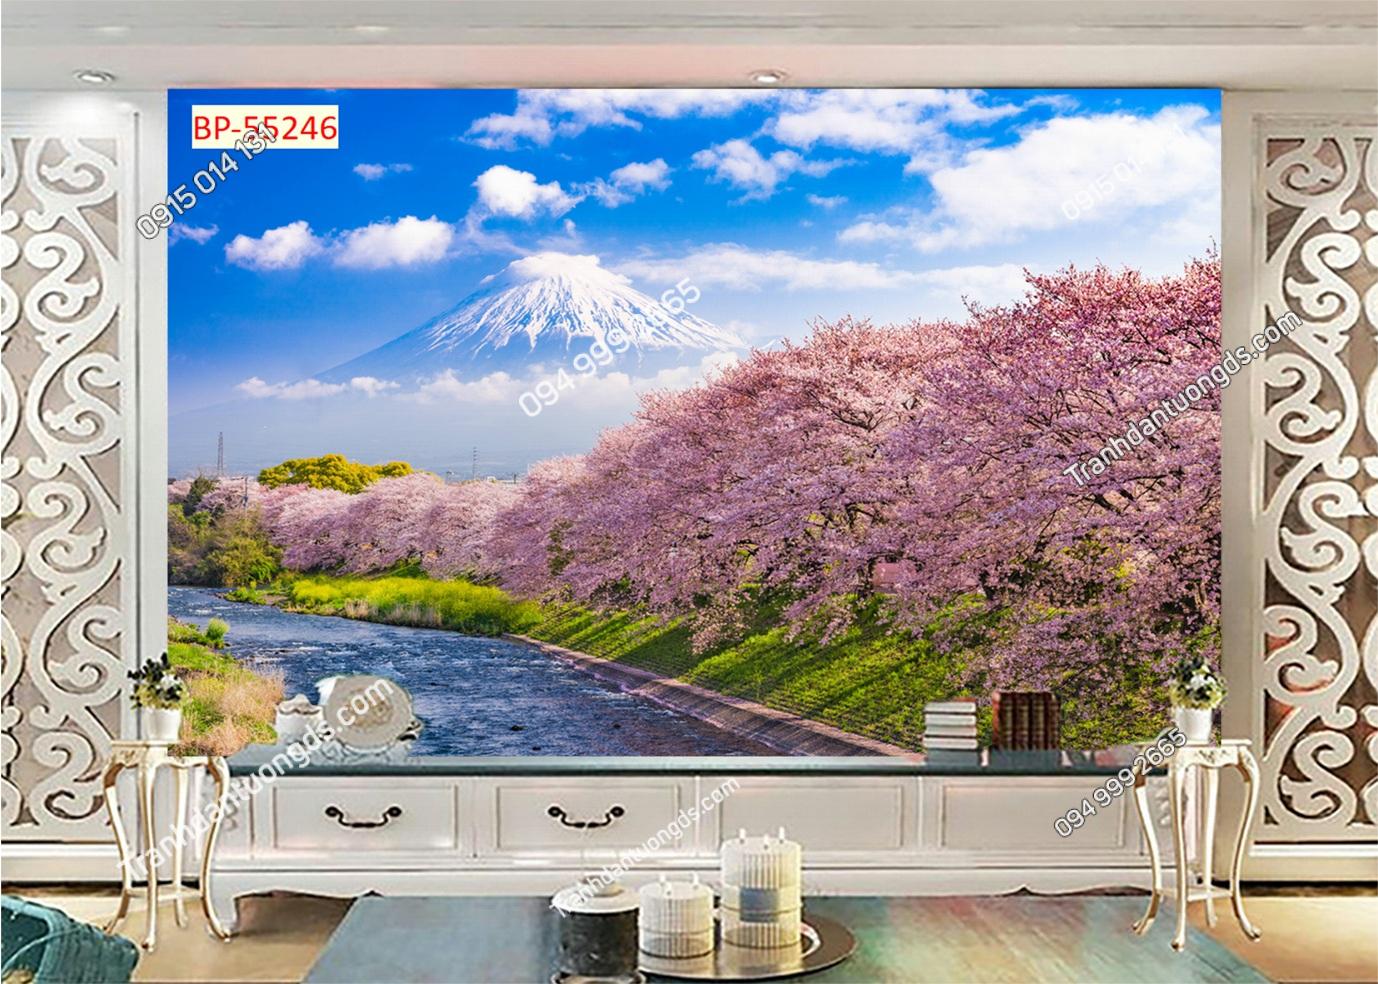 Tranh tường hoa anh đào Nhật Bản 55246